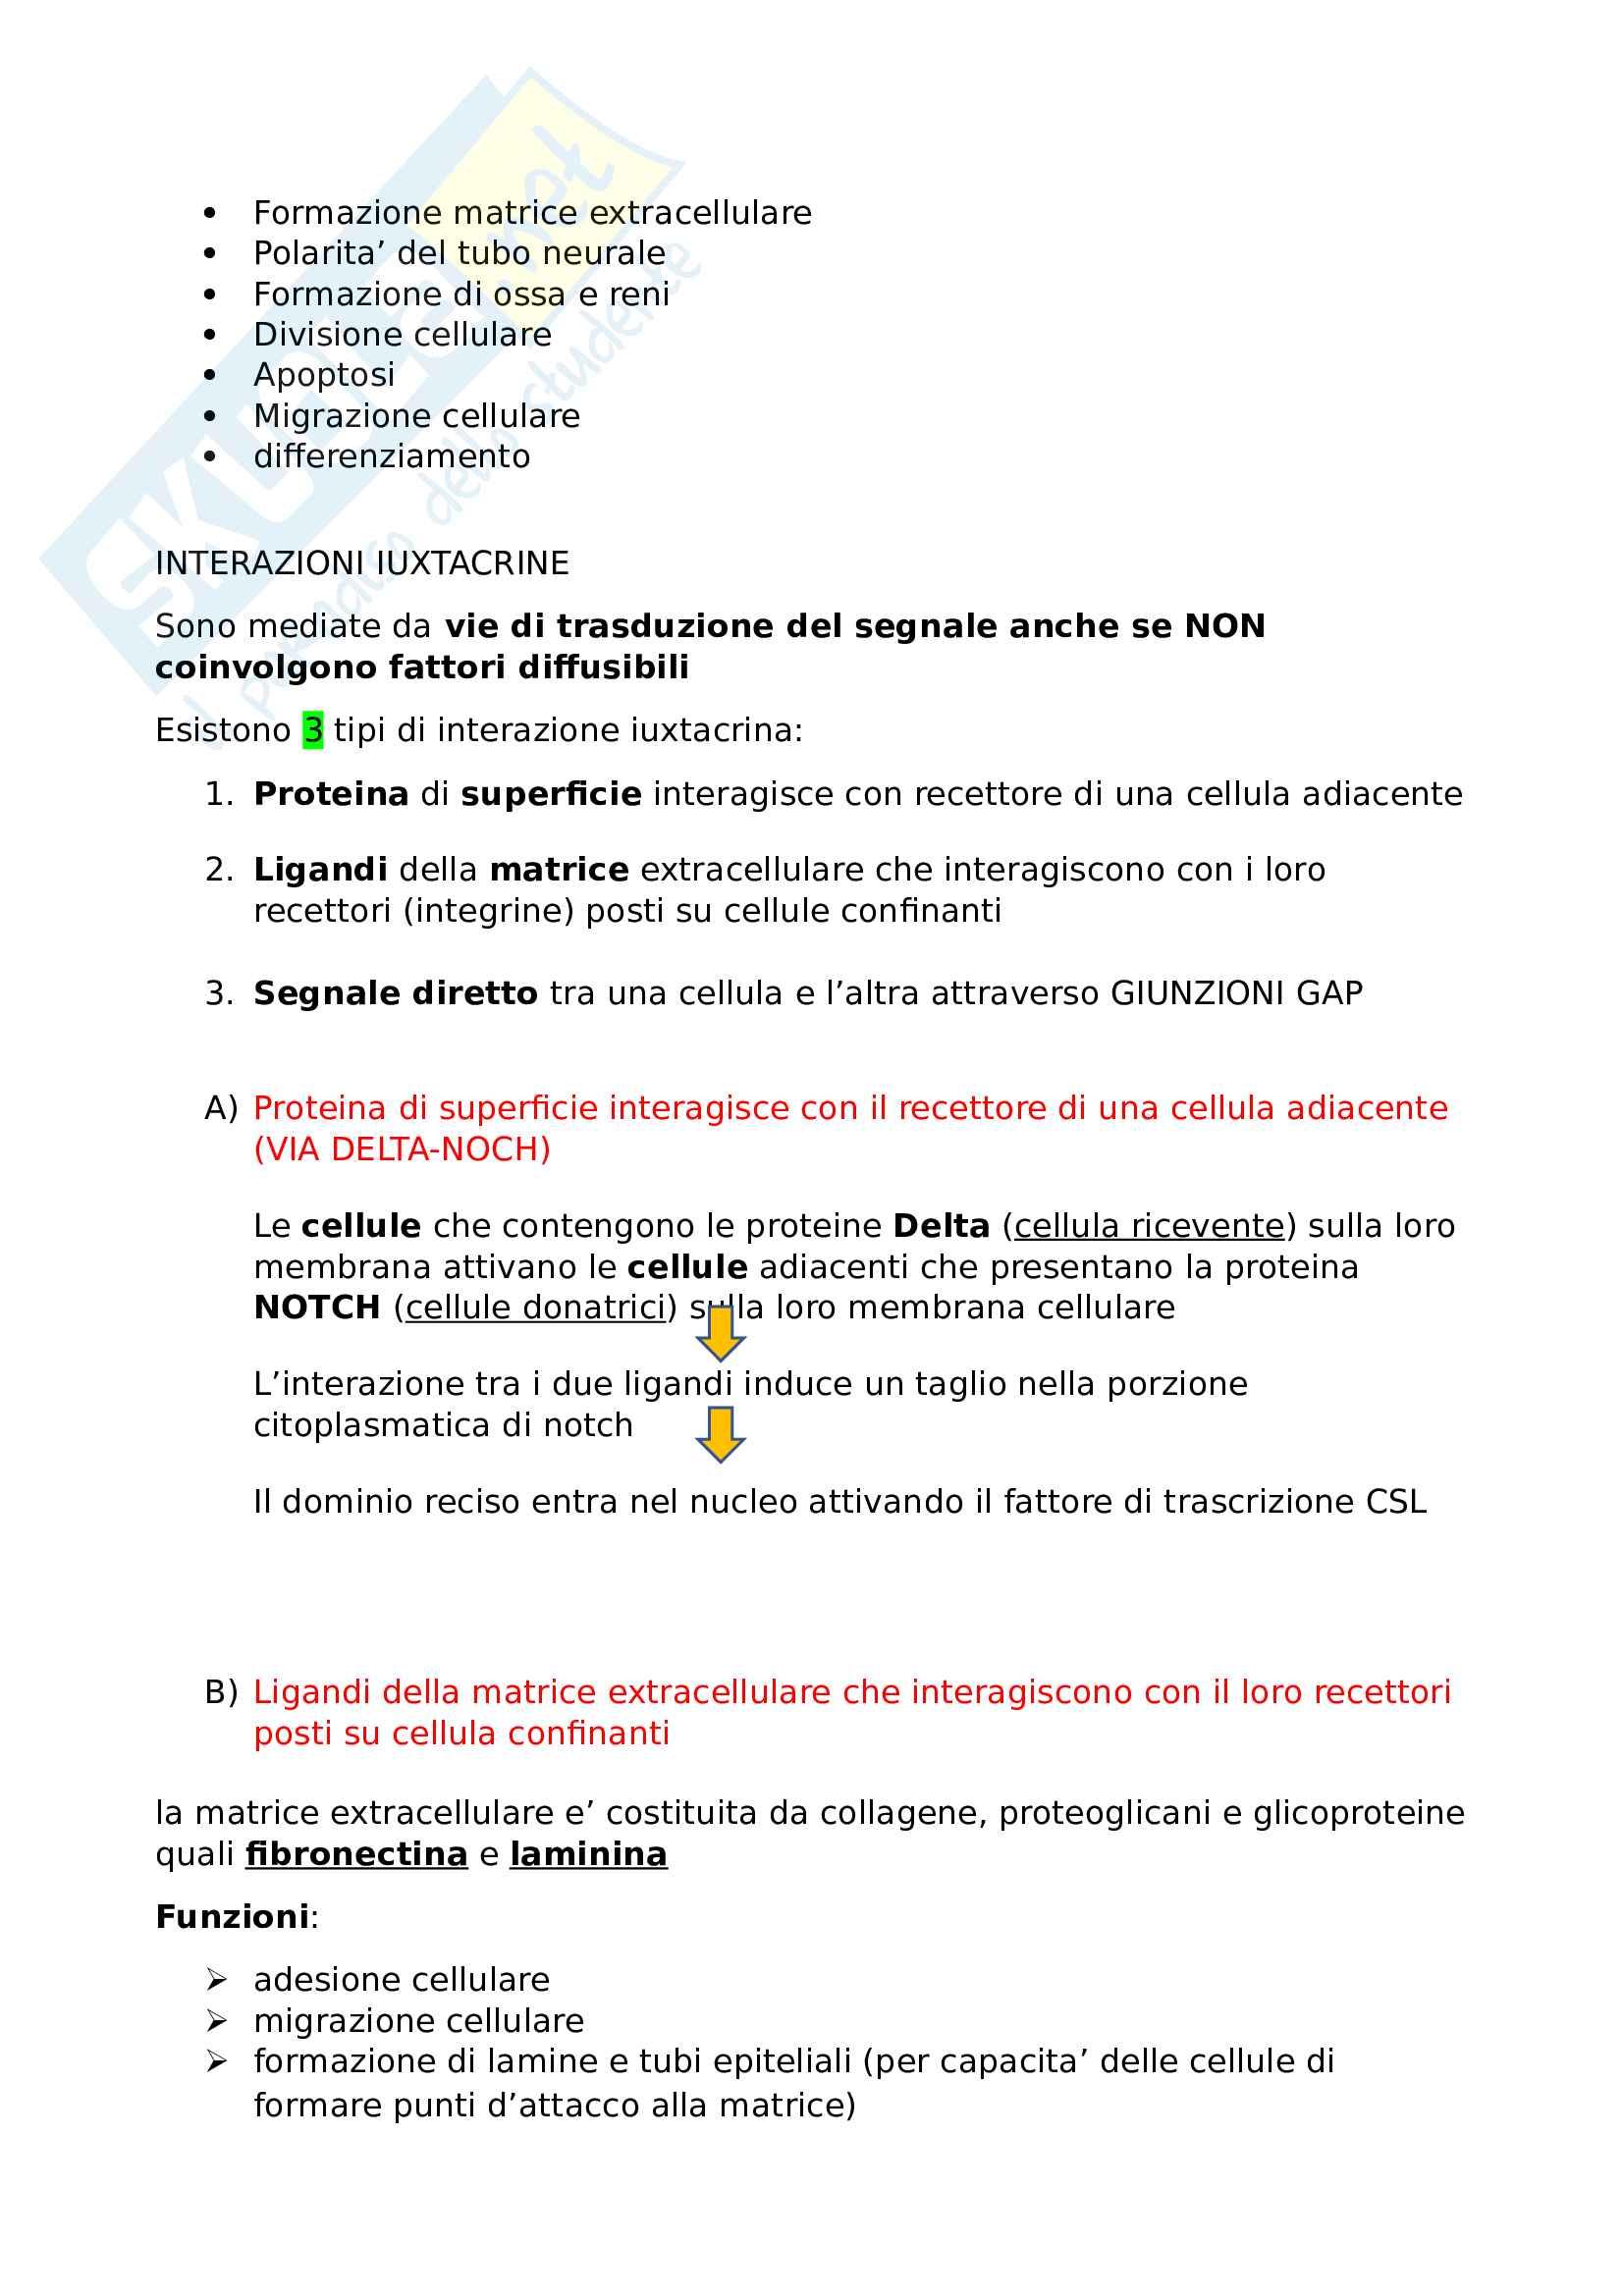 Biologia dello sviluppo (segmentazione e gastrulazione) Pag. 41